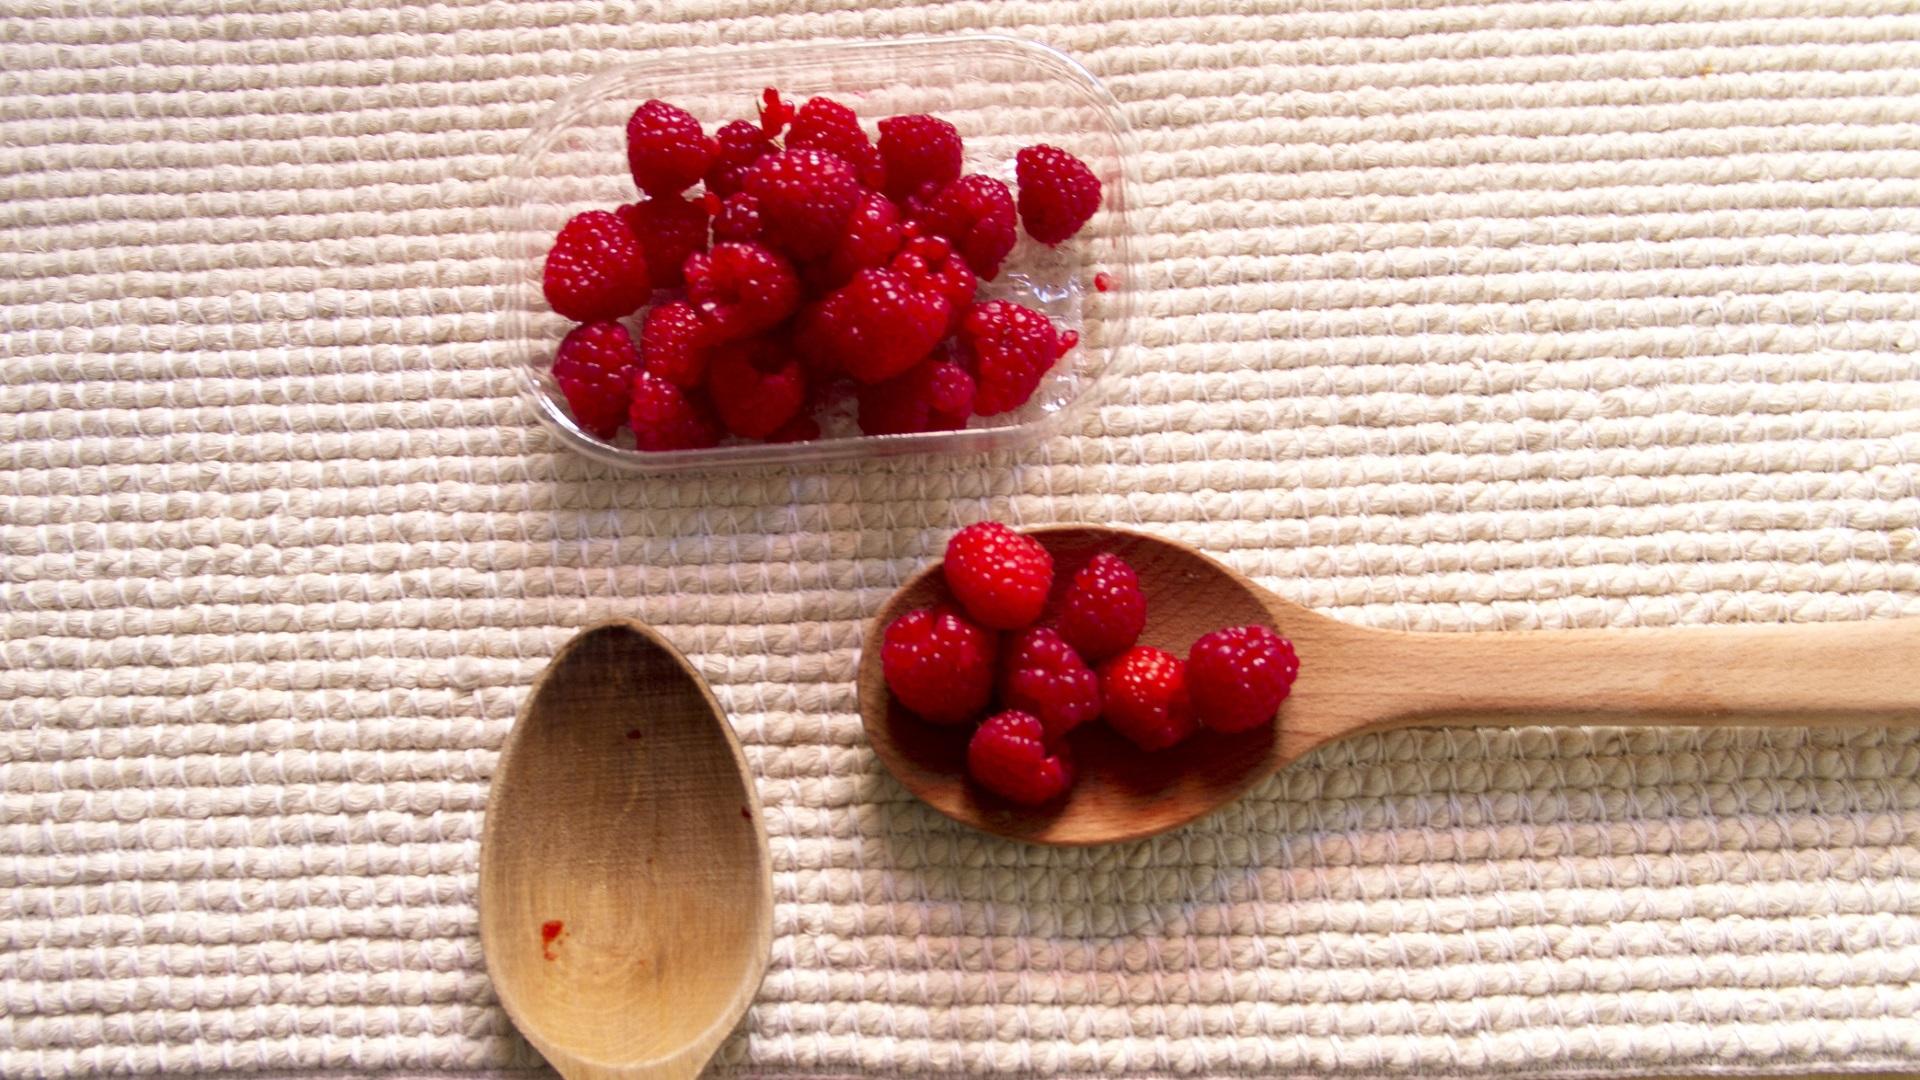 <p><strong>Козирог &ndash; малини</strong></p>  <p>Малините имат много силен вкус в доста мъничко плодче. В Козирозите също се крие голяма сила, макар и понякога в крехка обвивка.</p>